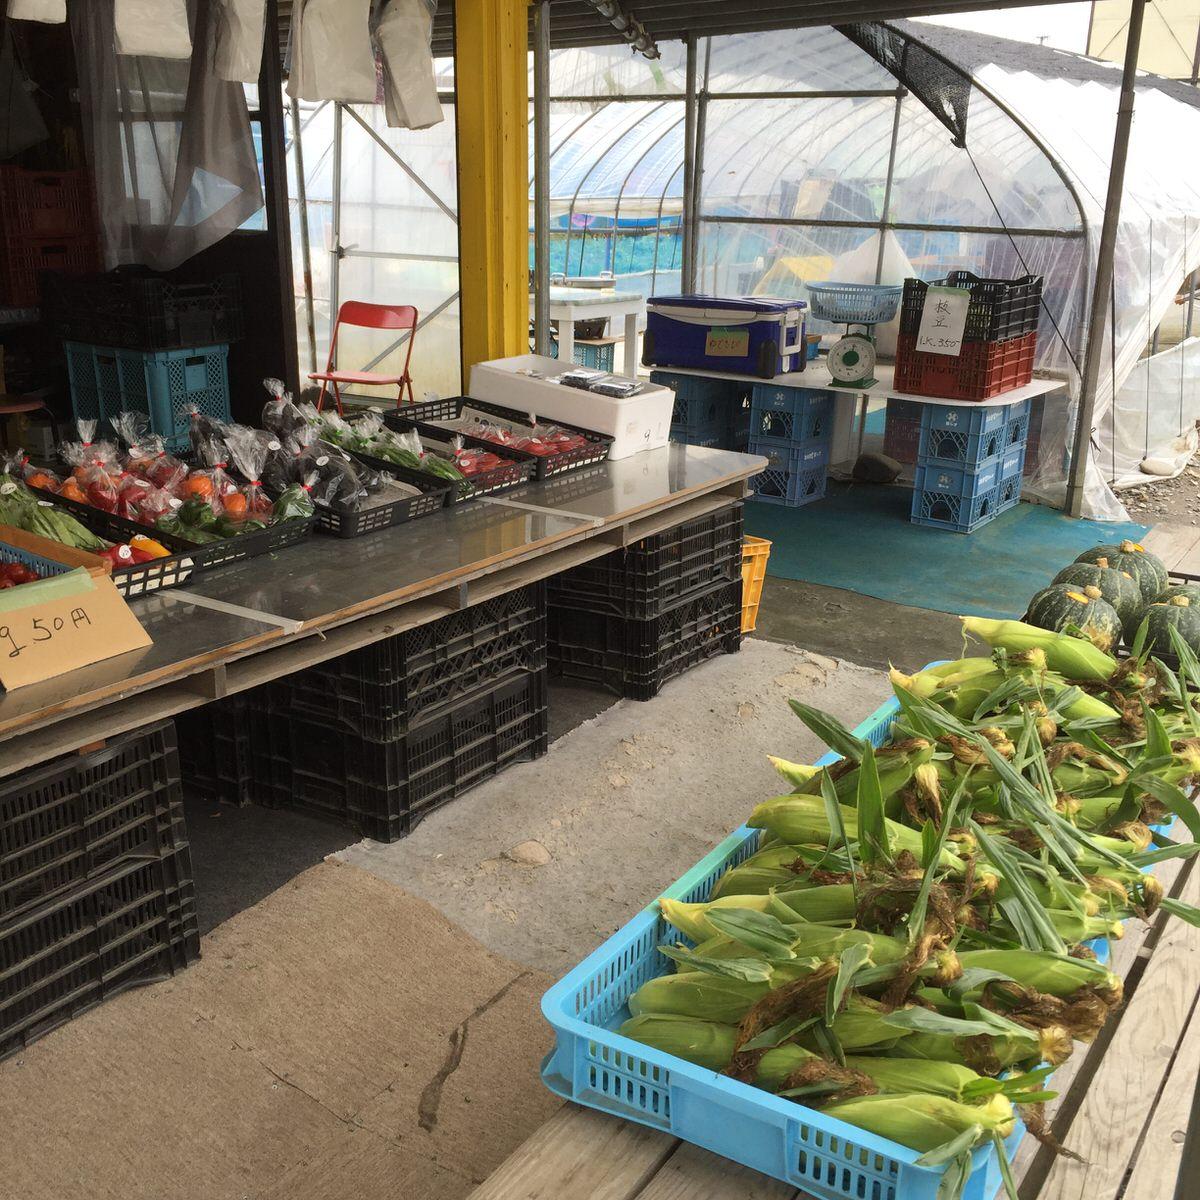 【札幌市東区の野菜直売所】 「河合農園」札幌近郊の ドライブで行ける新鮮野菜が買える場所。厚田で、じっくり育てた味の濃い野菜に大満足!